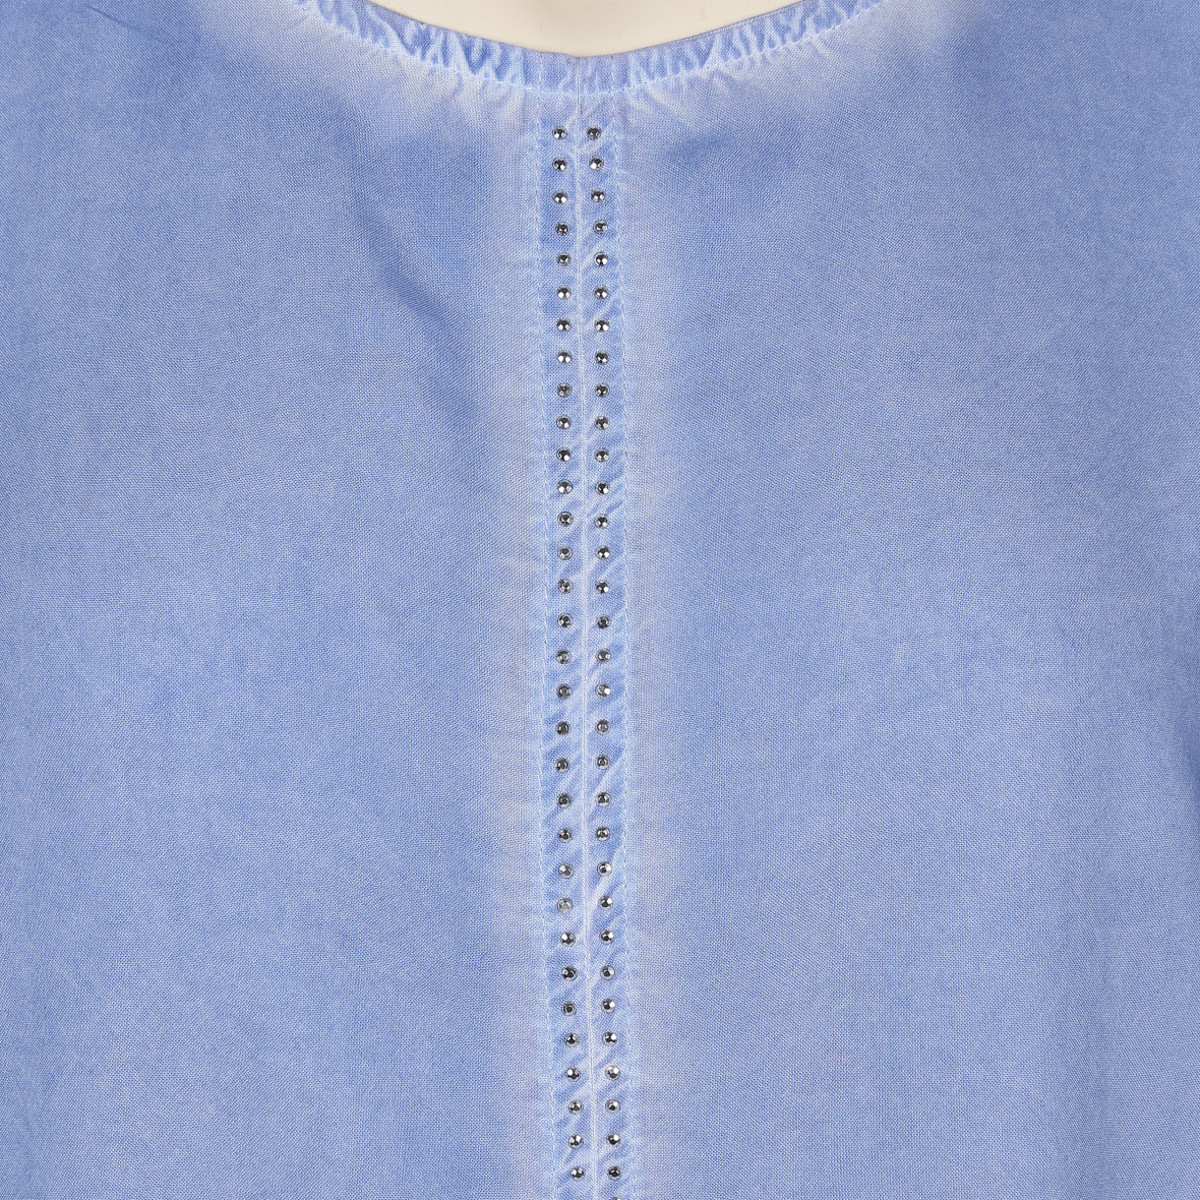 Bild 3 von Große Größen Shirt mit Ziernieten